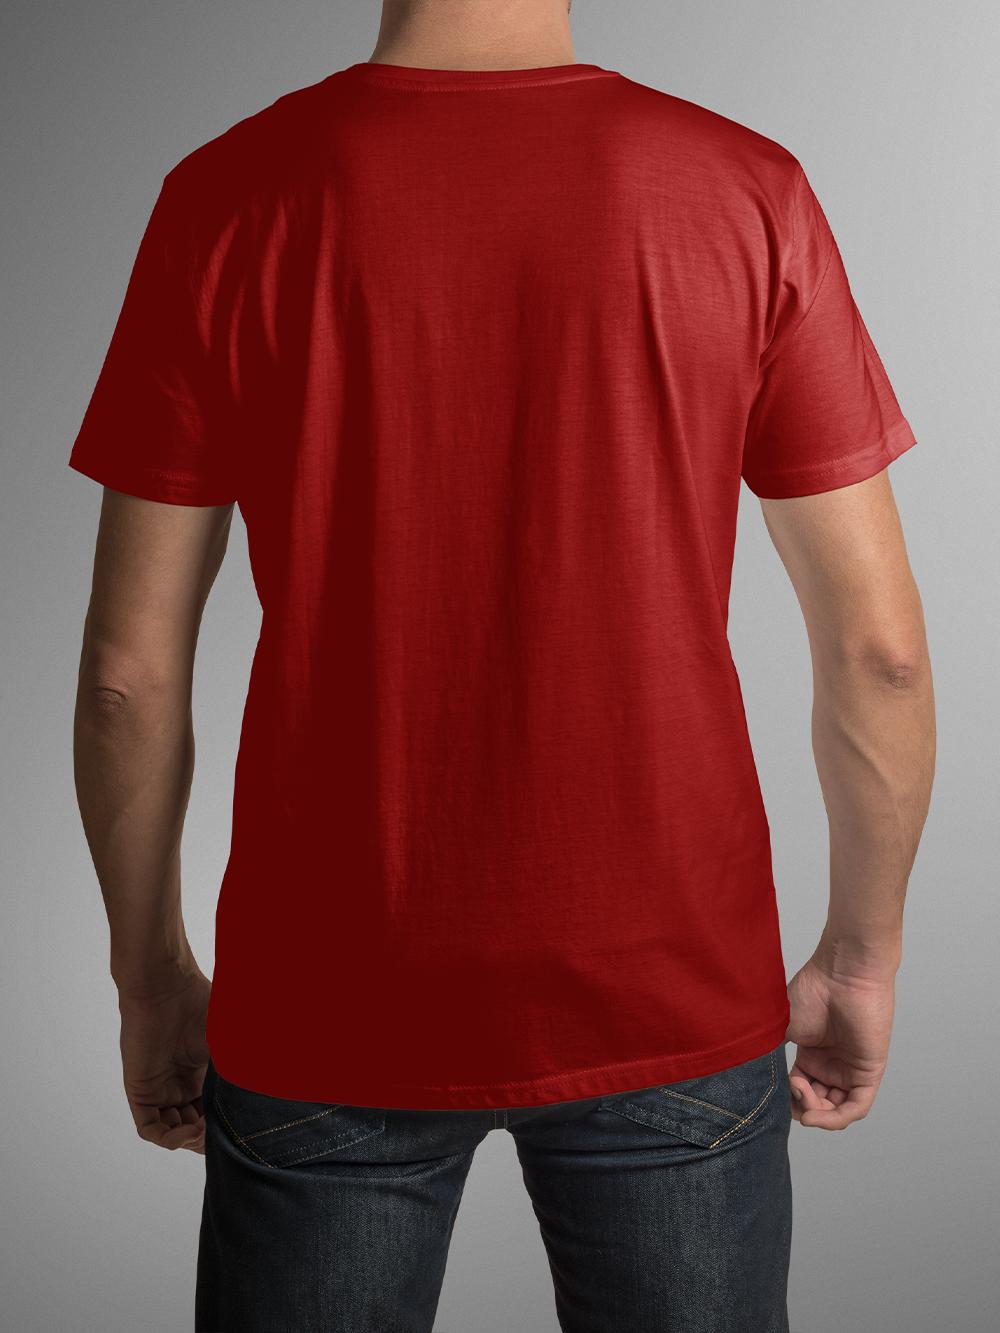 T-Shirt Gaming Marathon, Bumbac, Rosu